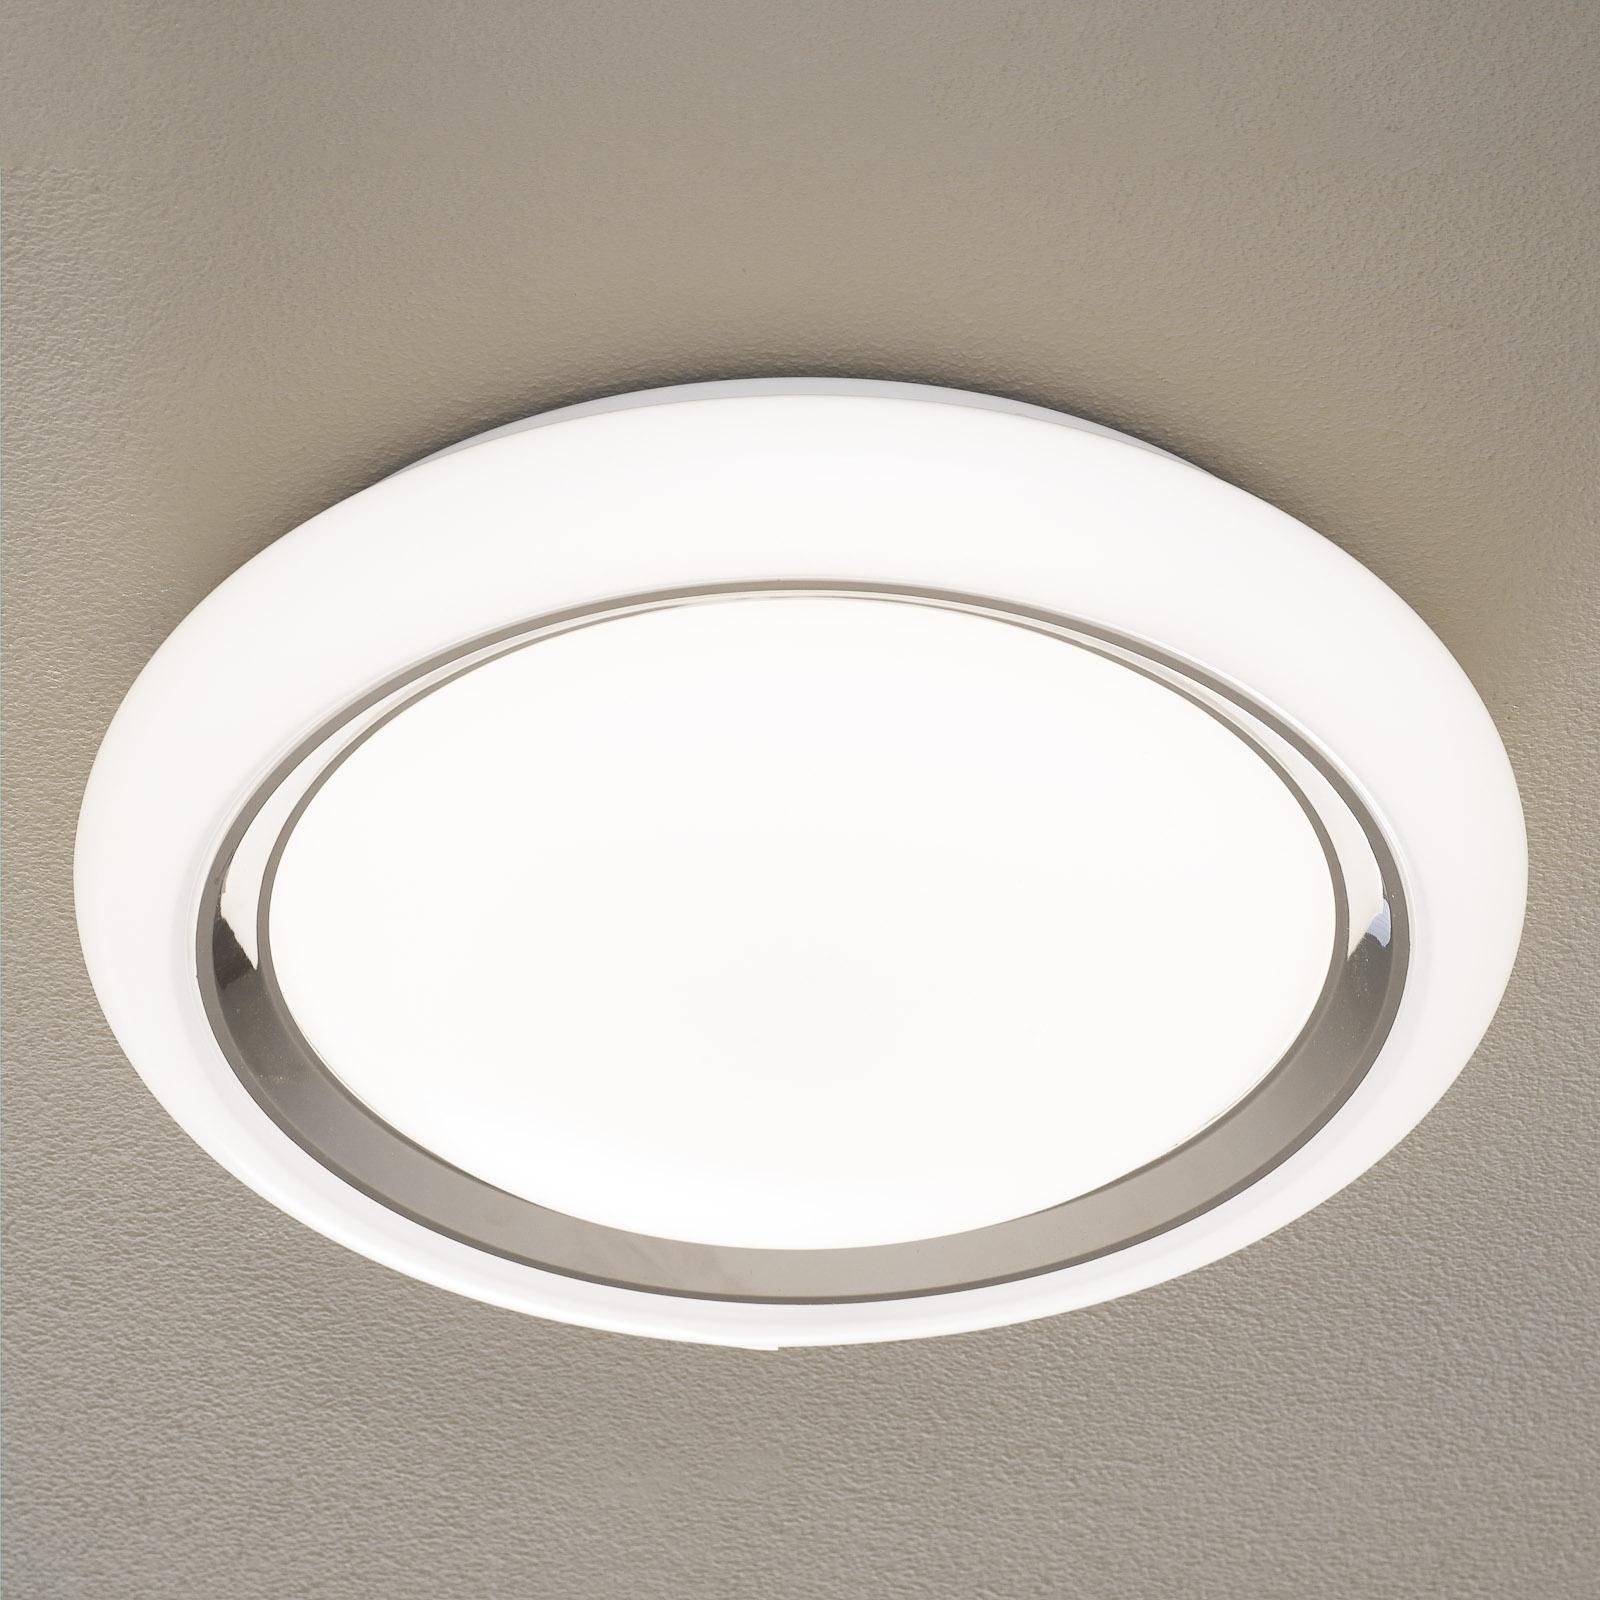 EGLO connect Capasso-C lampa sufitowa LED biała